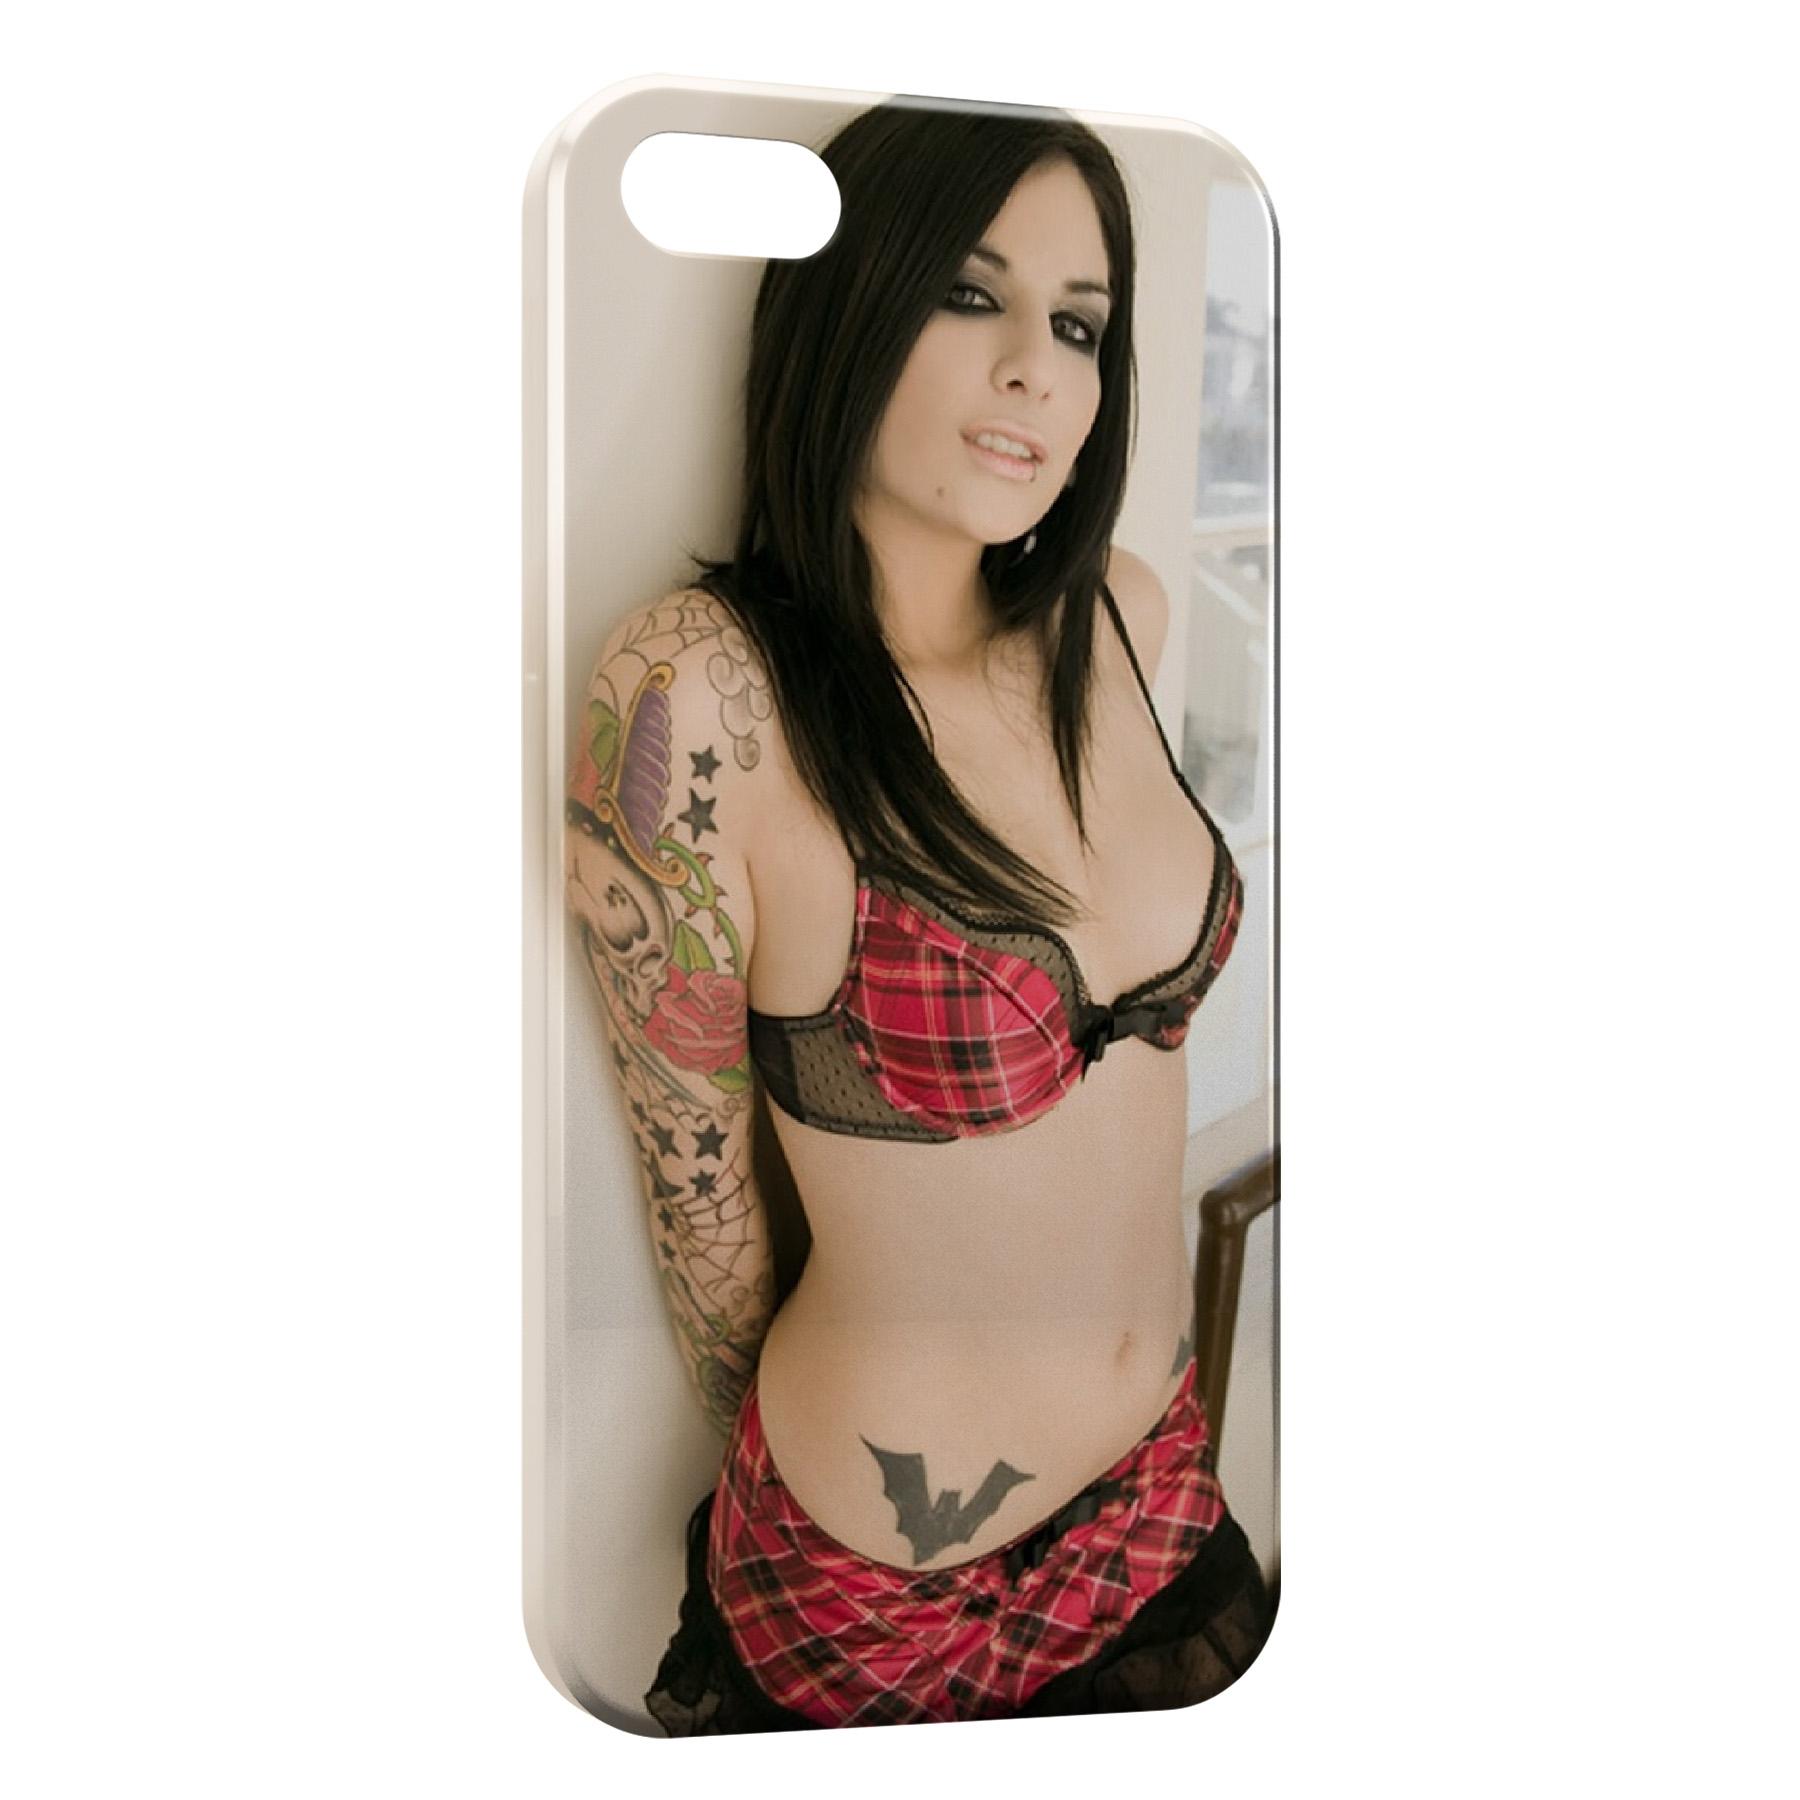 coque iphone 8 plus ariel tatoué